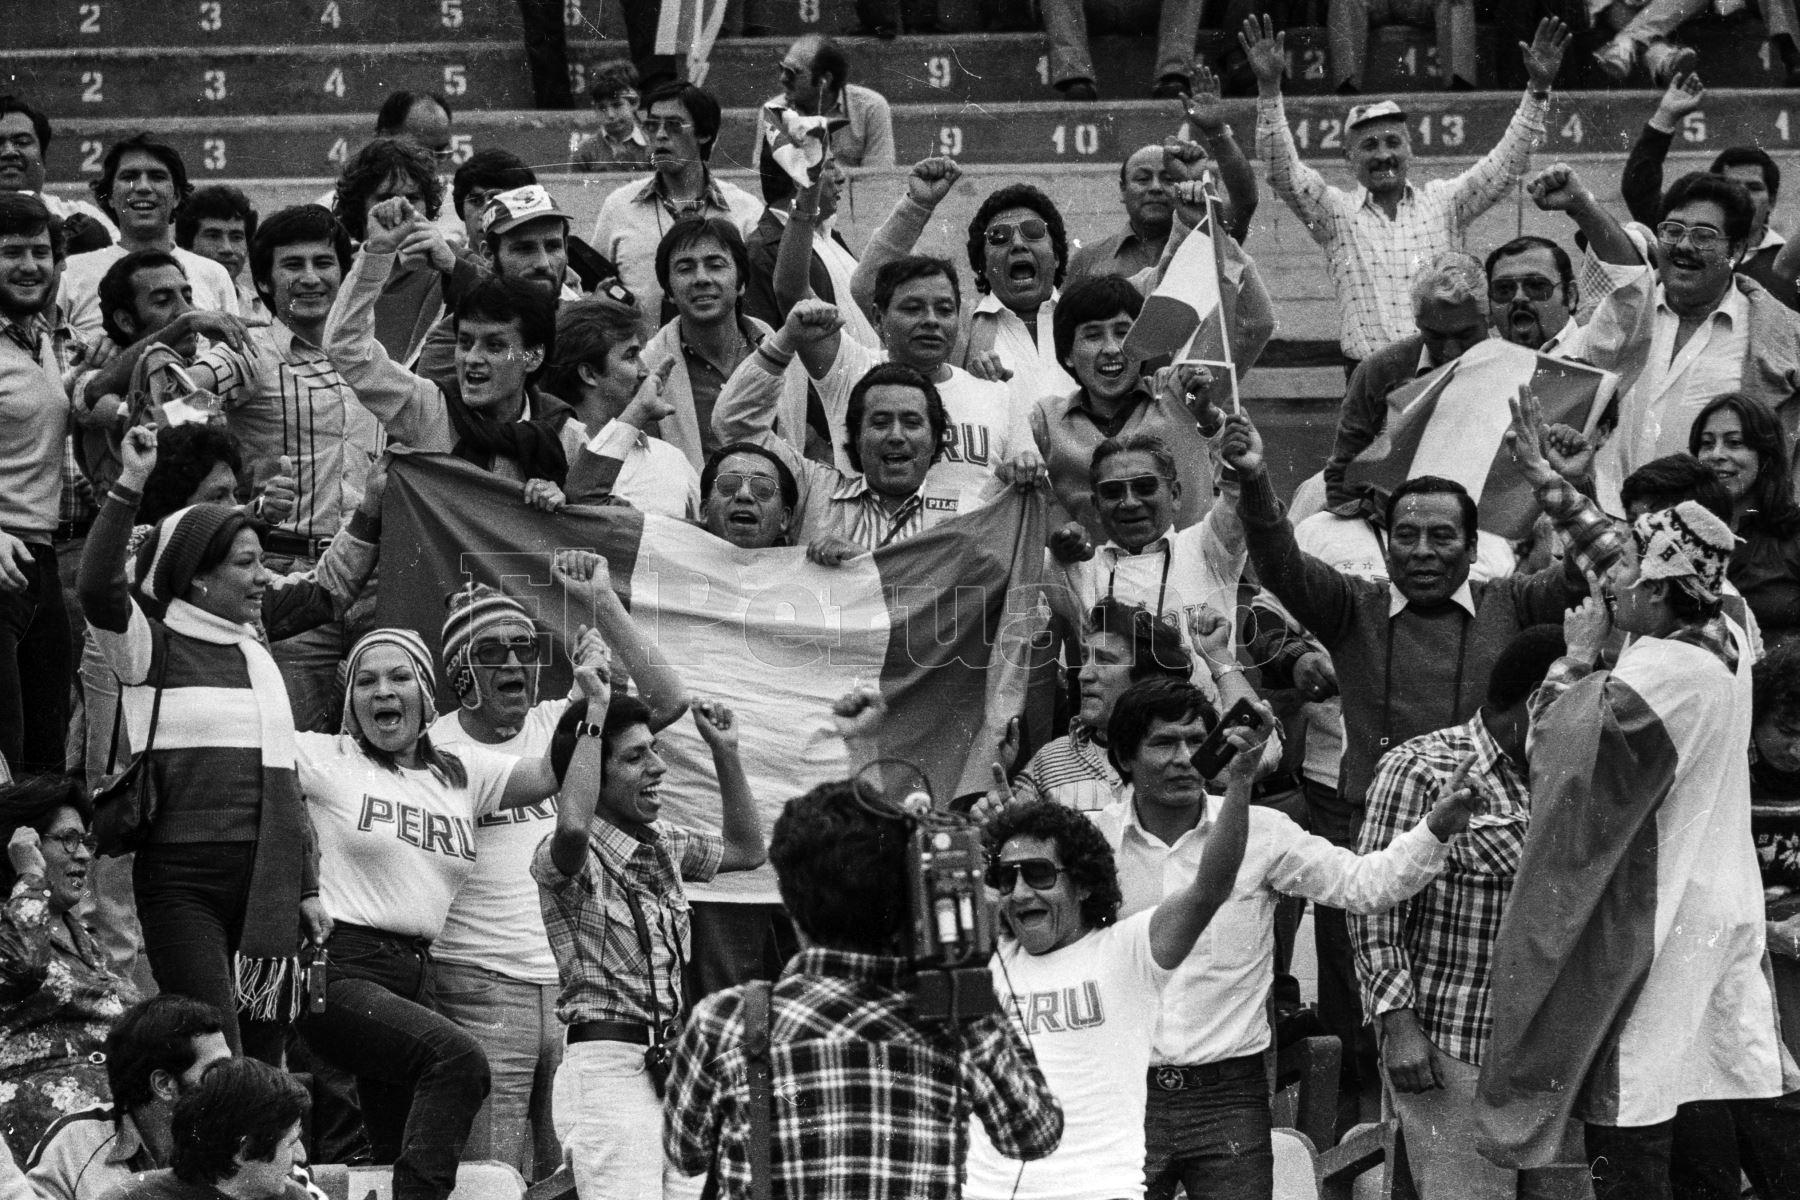 Montevideo, Uruguay - 23 agosto 1981 / Hinchas peruanos alientan a su selección que hoy alcanzó la punta del Grupo 2 de las eliminatorias sudamericanas  para el Mundial de España 82 al vencer a Uruguay por 2-1 en el estadio Centenario.Foto: Archivo El Peruano/ Rómulo Luján